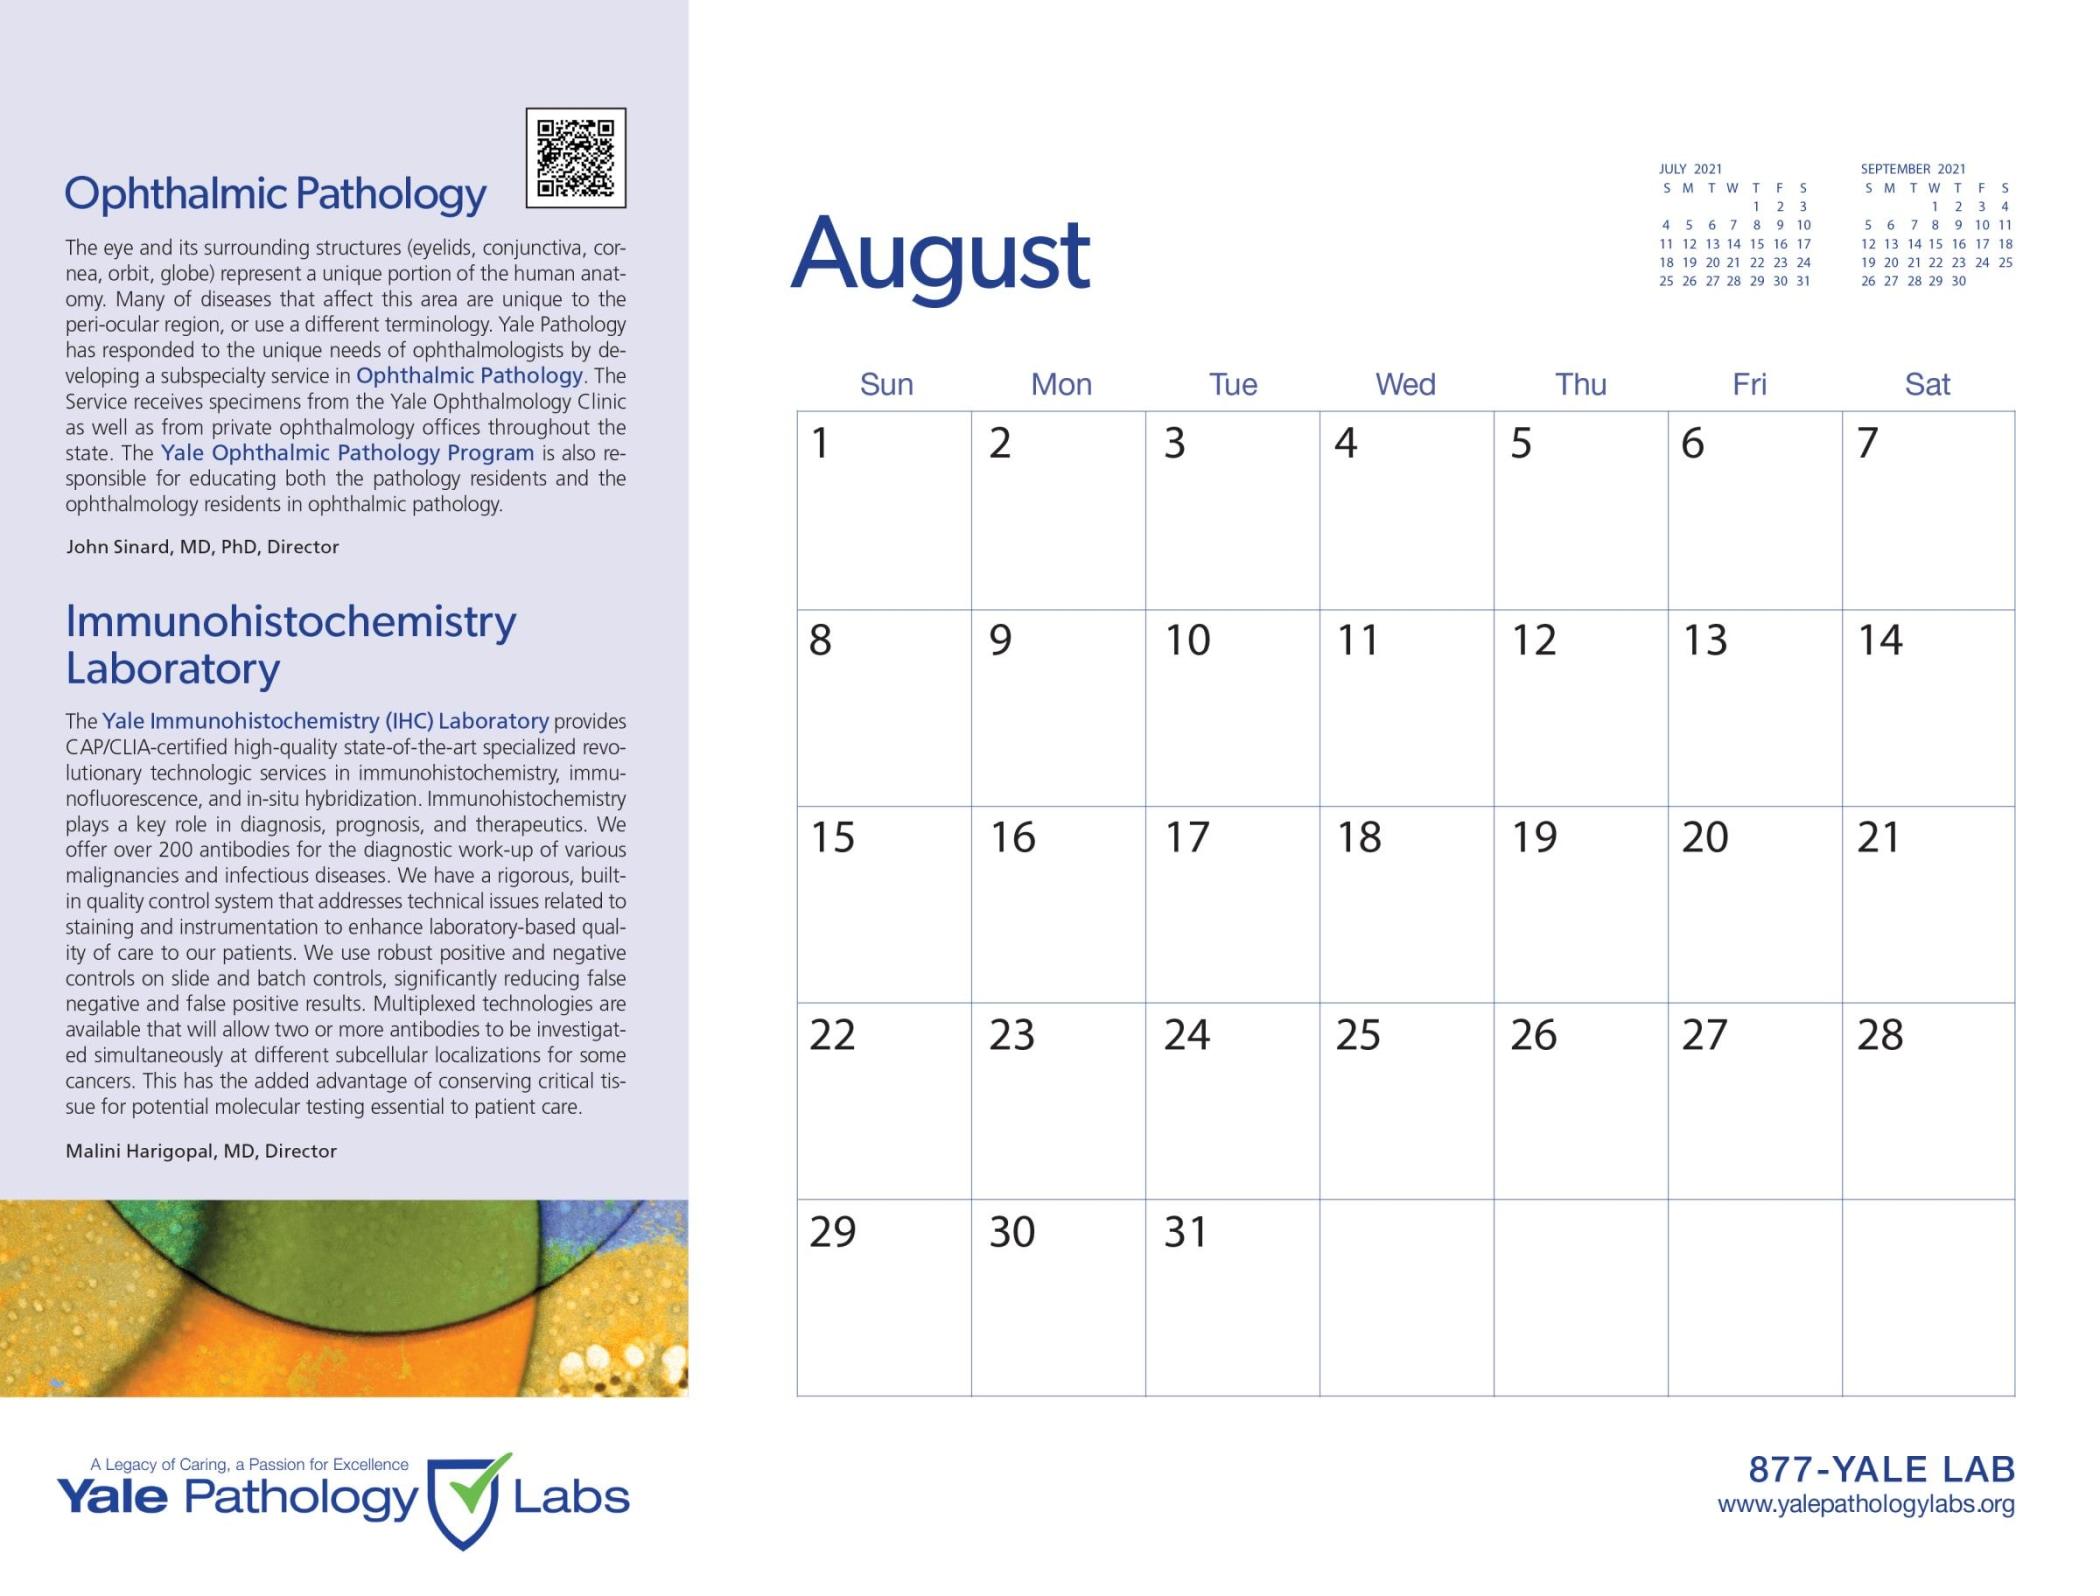 Yale Pathology Labs Calendar 2021 - Ophthalmic Pathology and Immunohistochemistry Lab